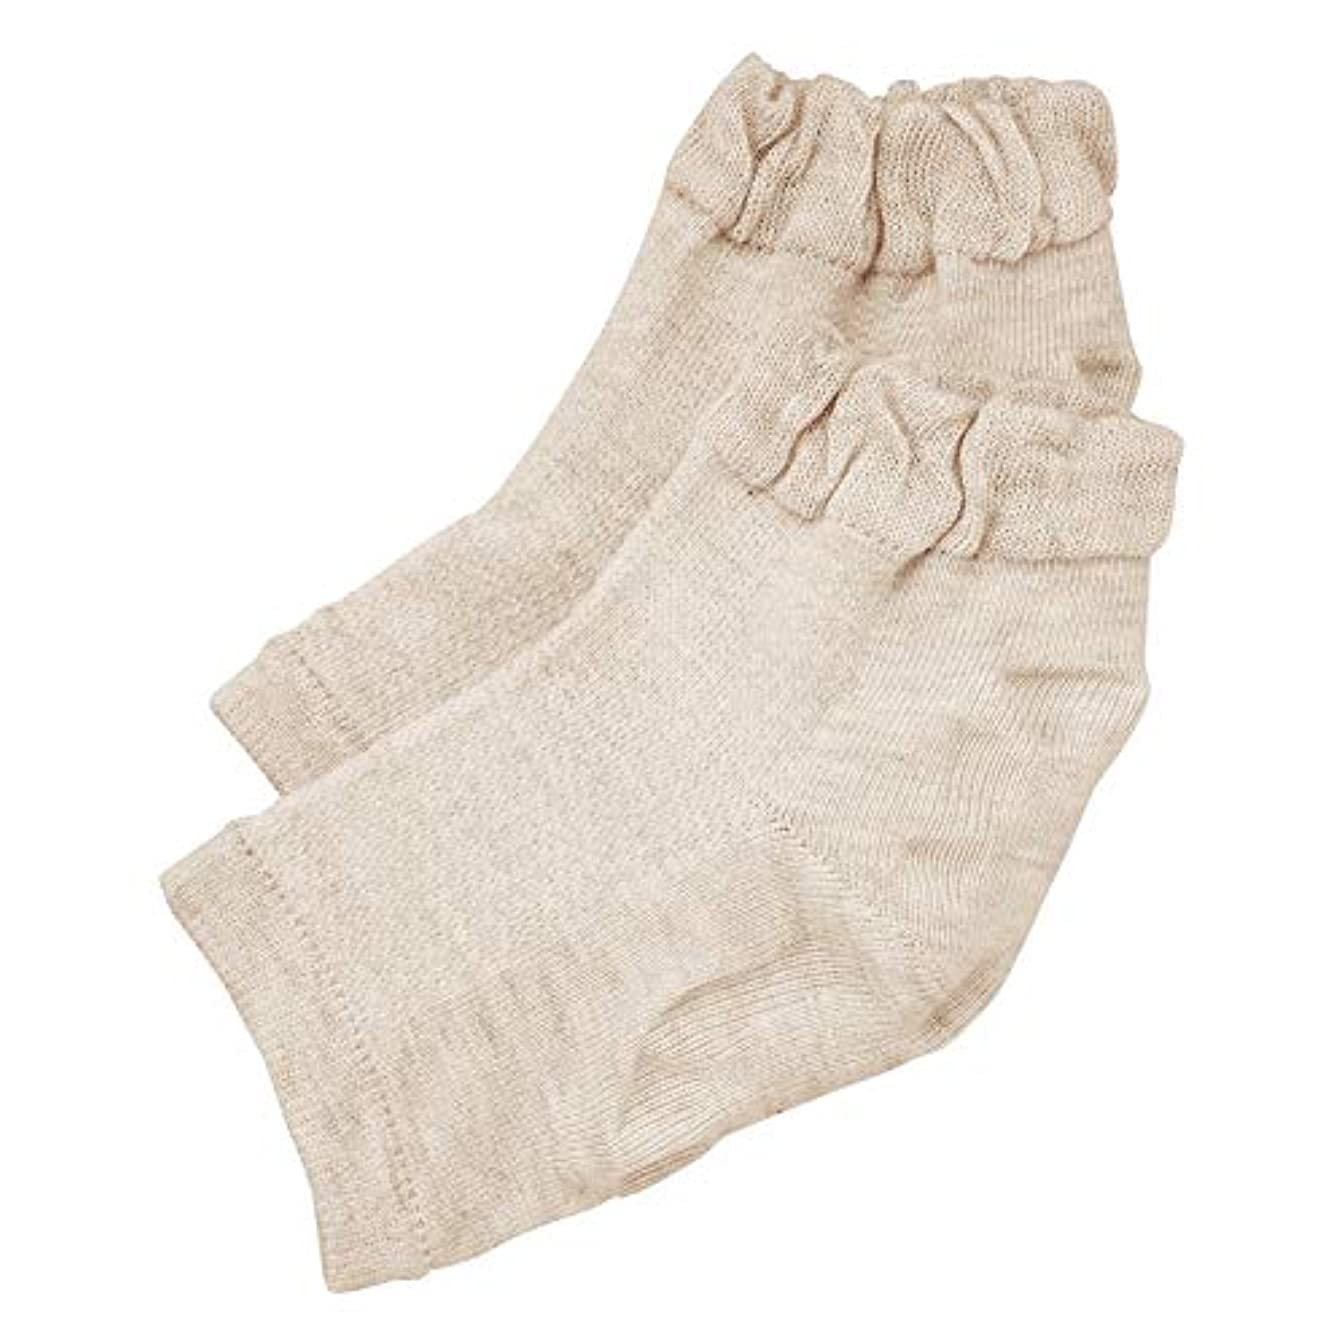 プラグカナダ仕える履き口ゆったりかかとつるり ケア 靴下 ガサガサ 保湿